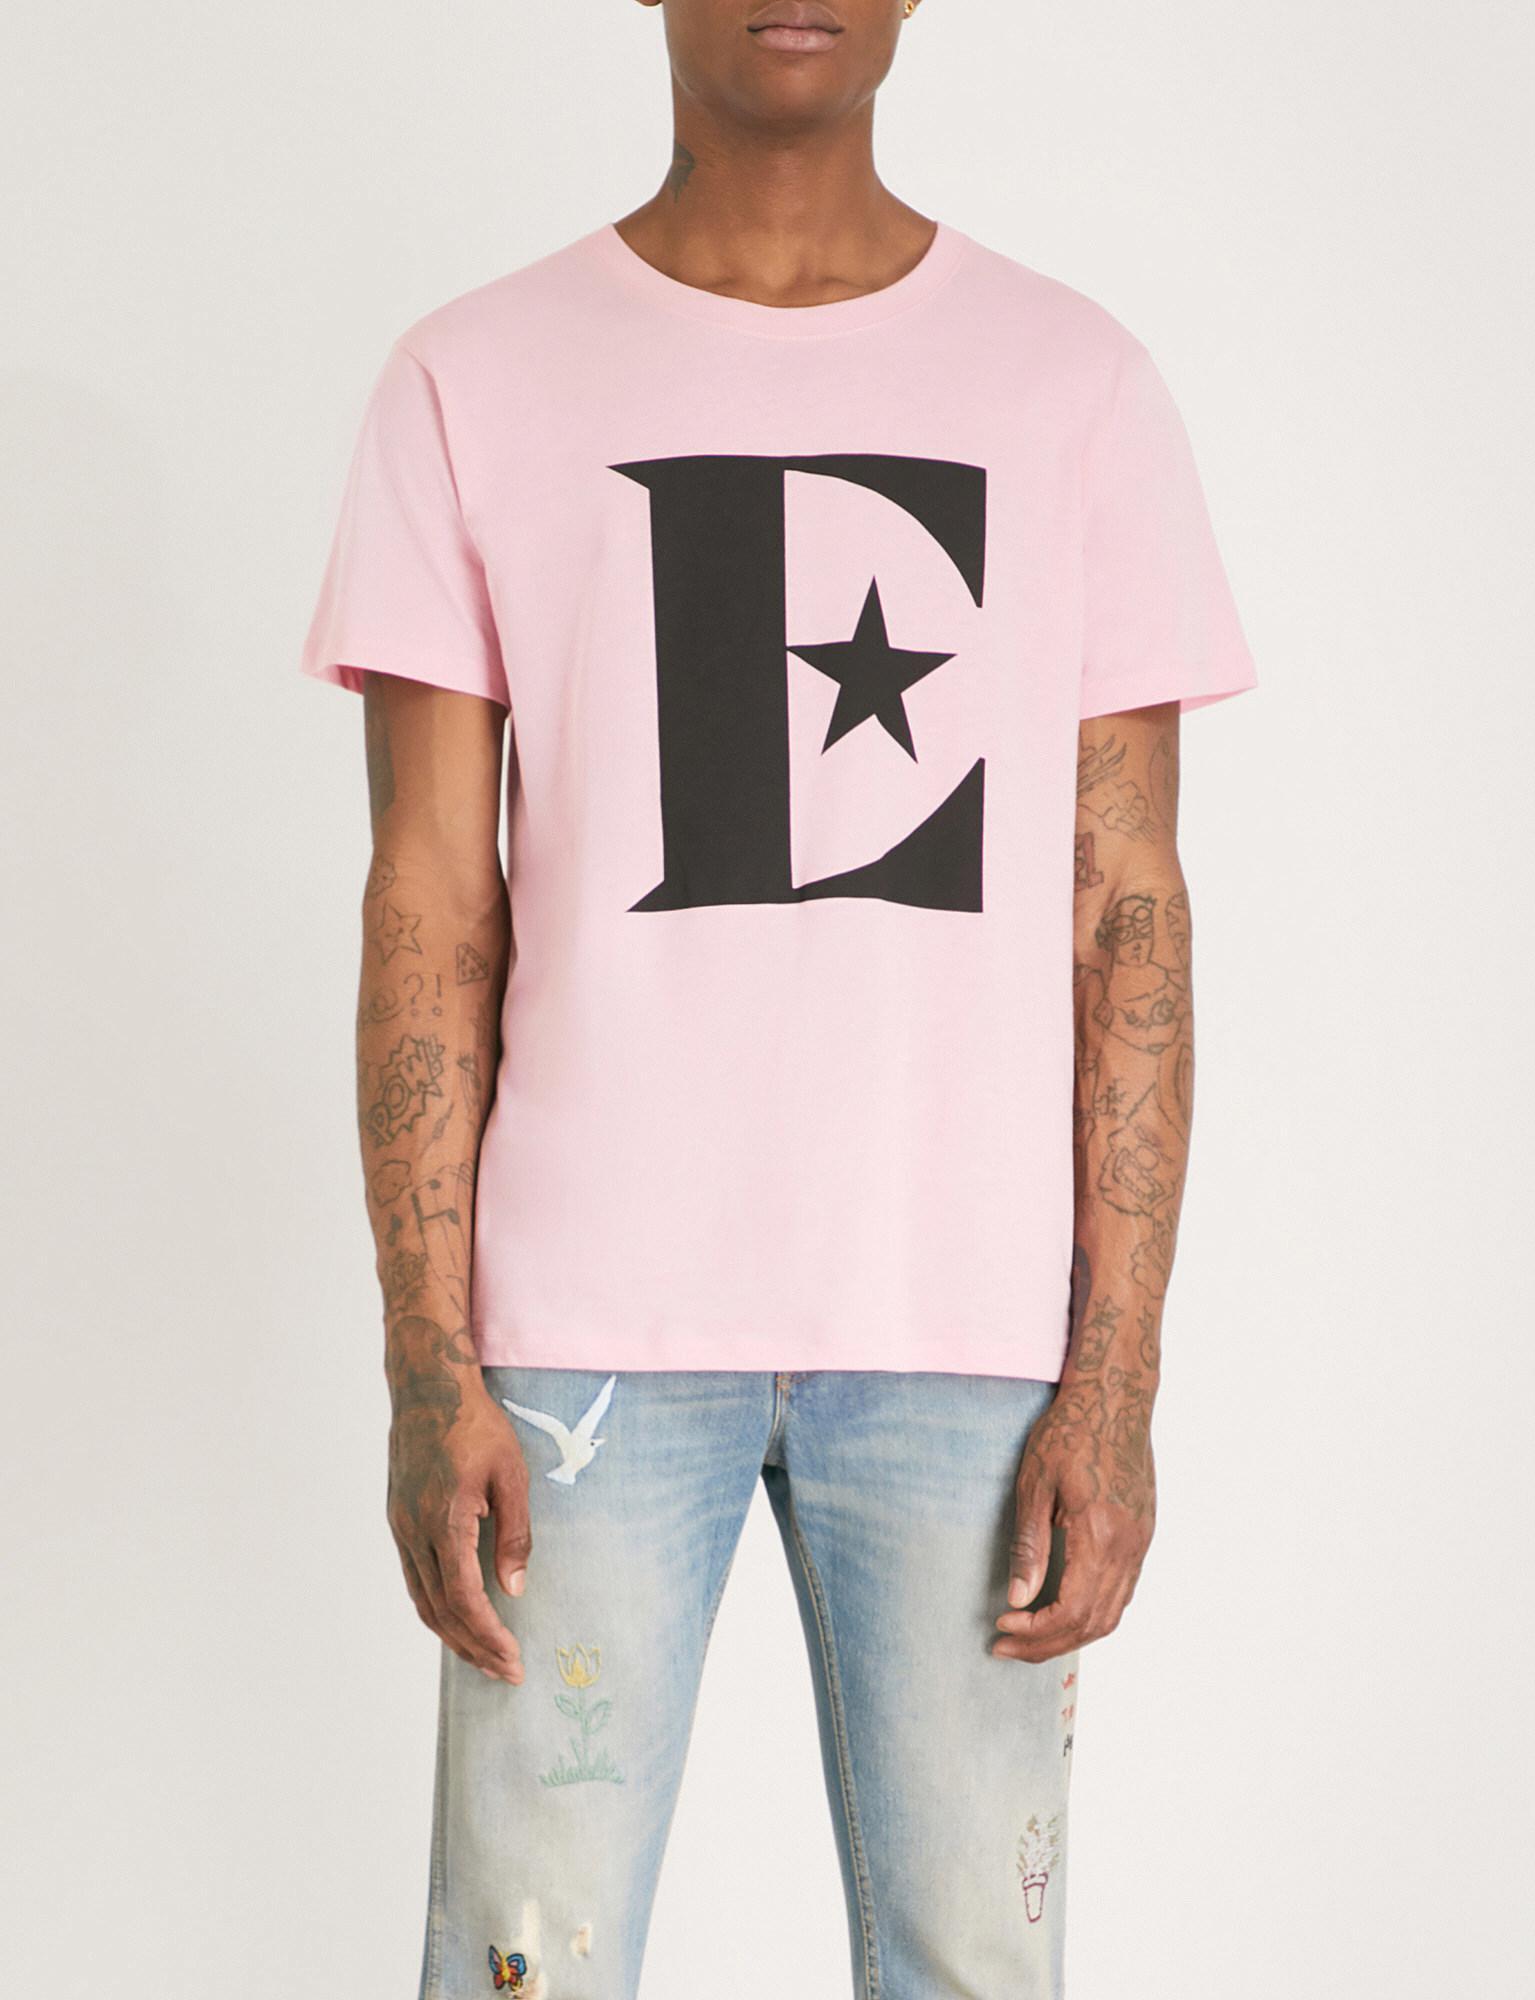 2af7cdd75da2 Gucci Elton John Cotton T-shirt in Pink for Men - Lyst